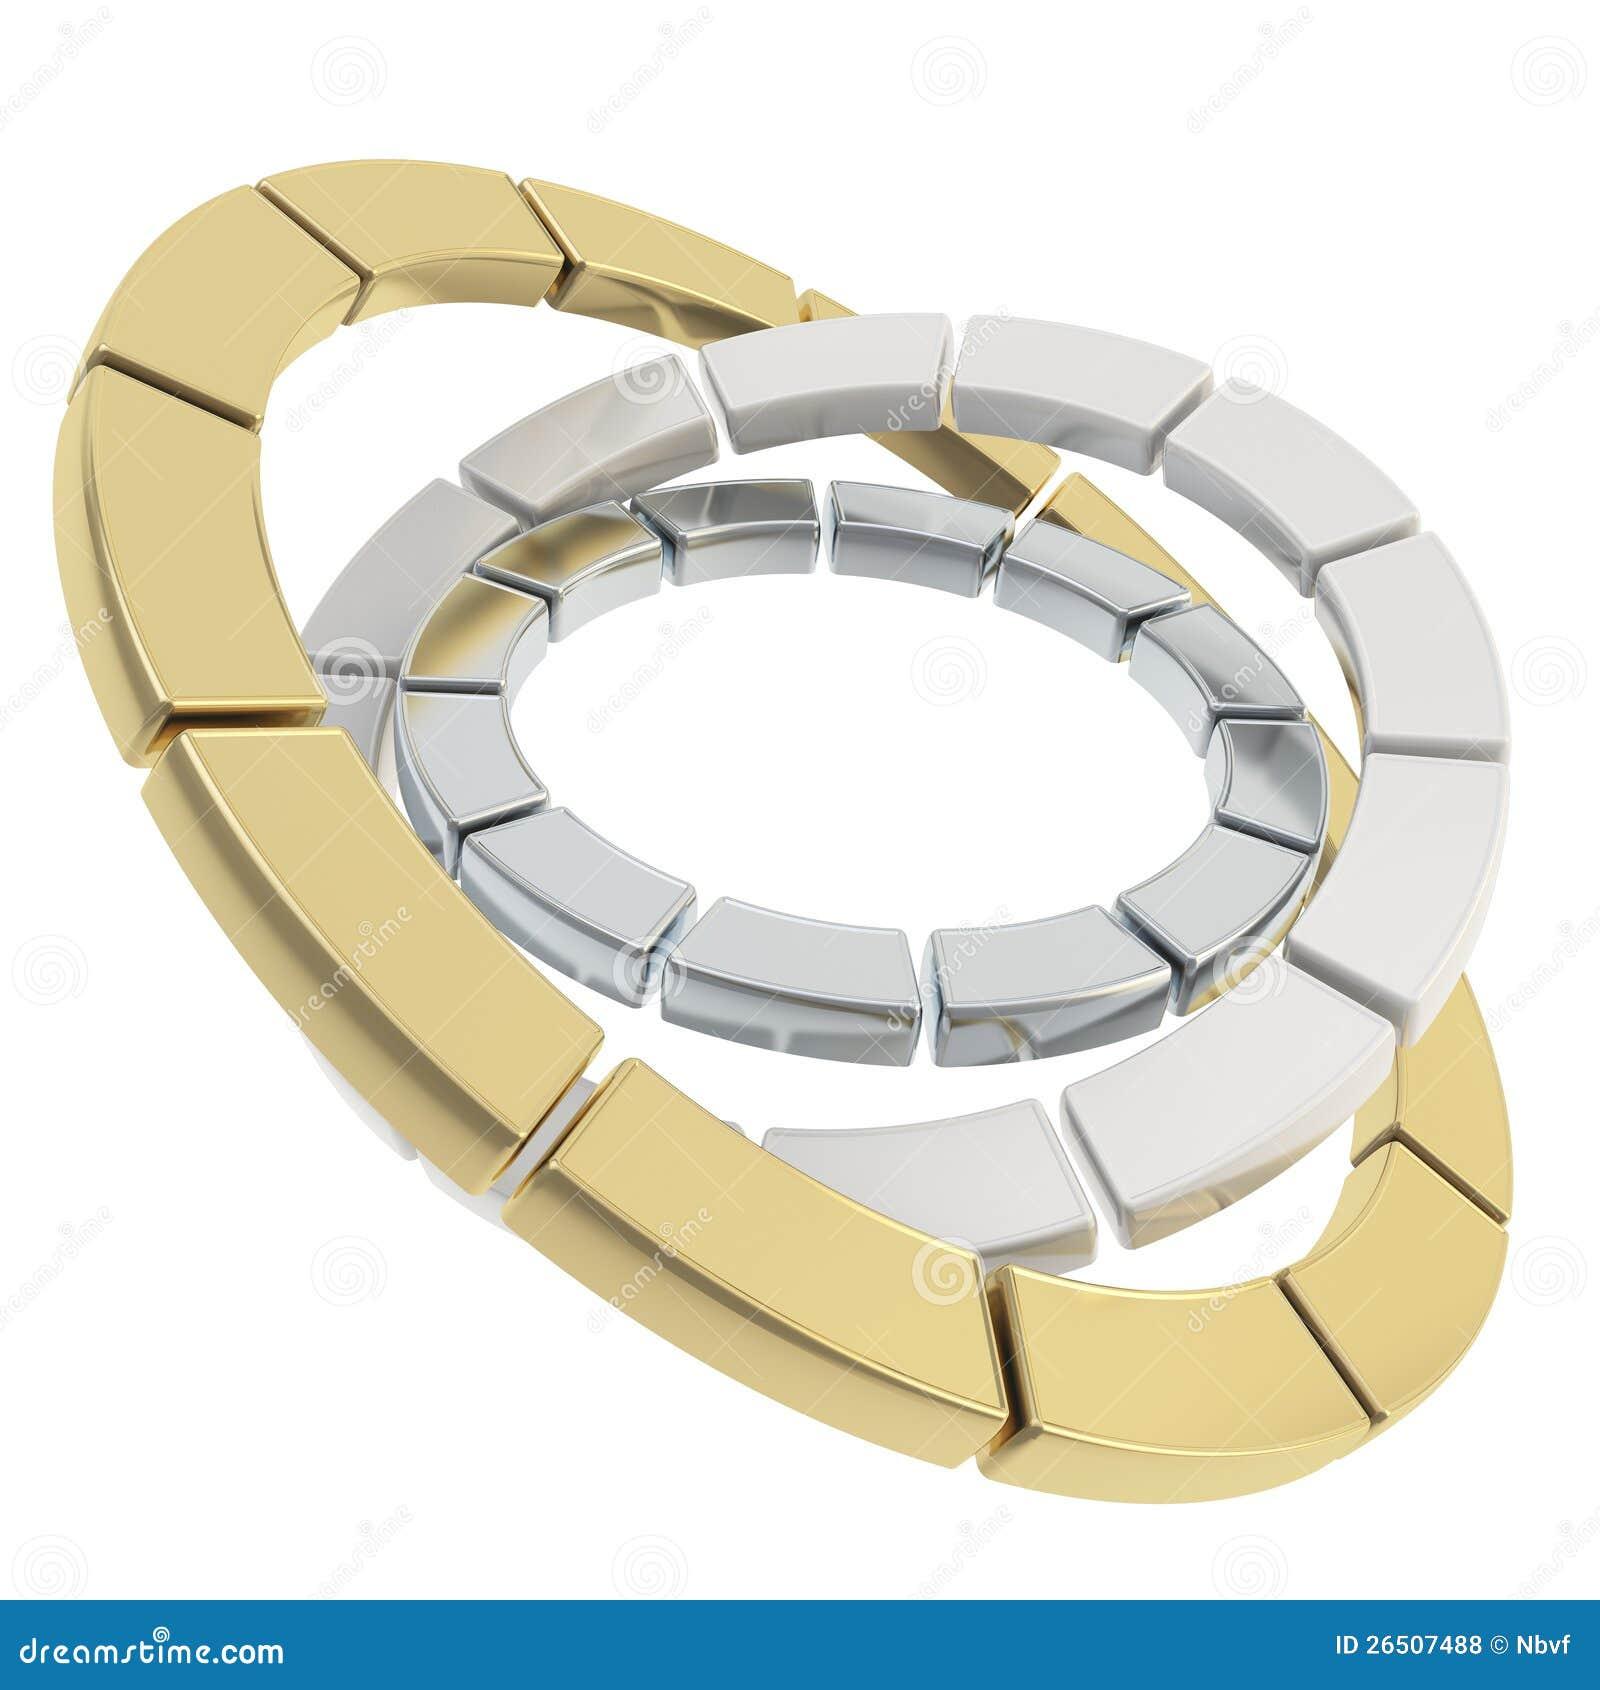 Composição segmentada do círculo